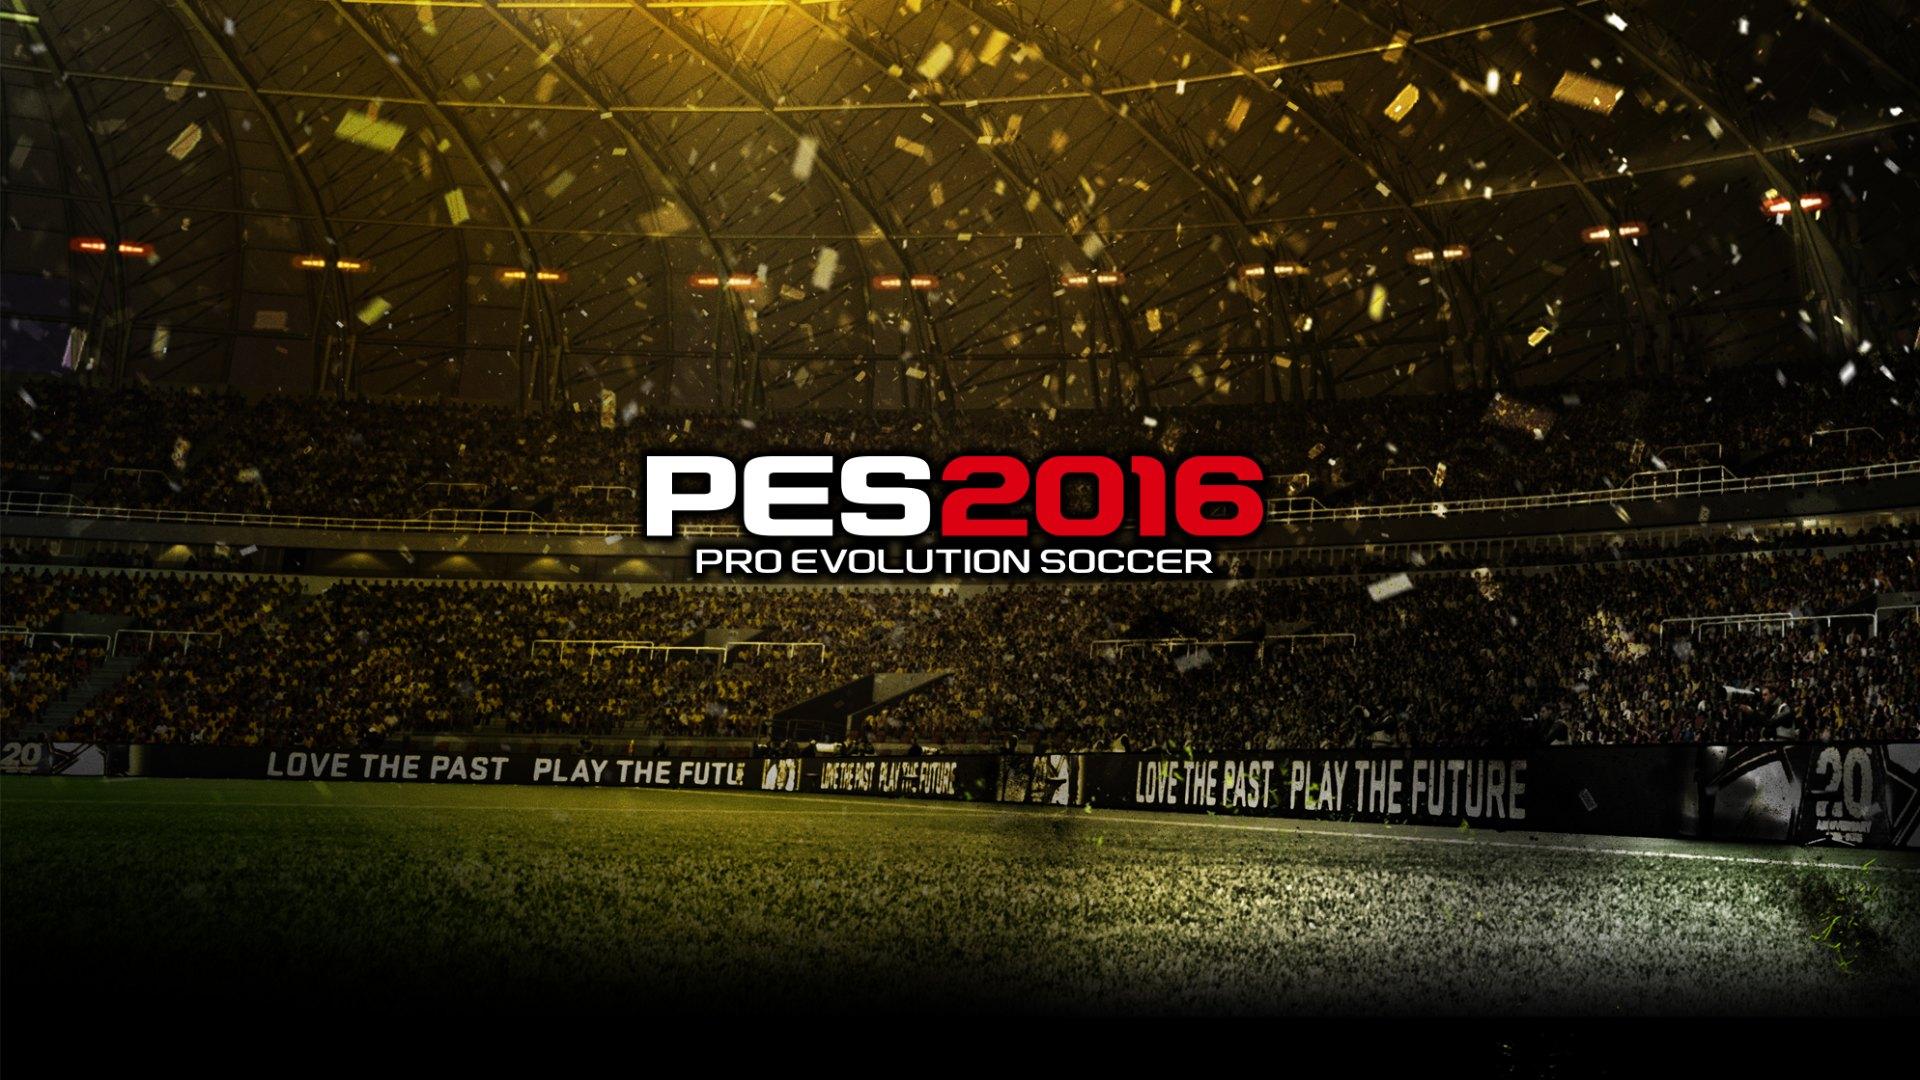 Πρώτο teaser για το PES 2016